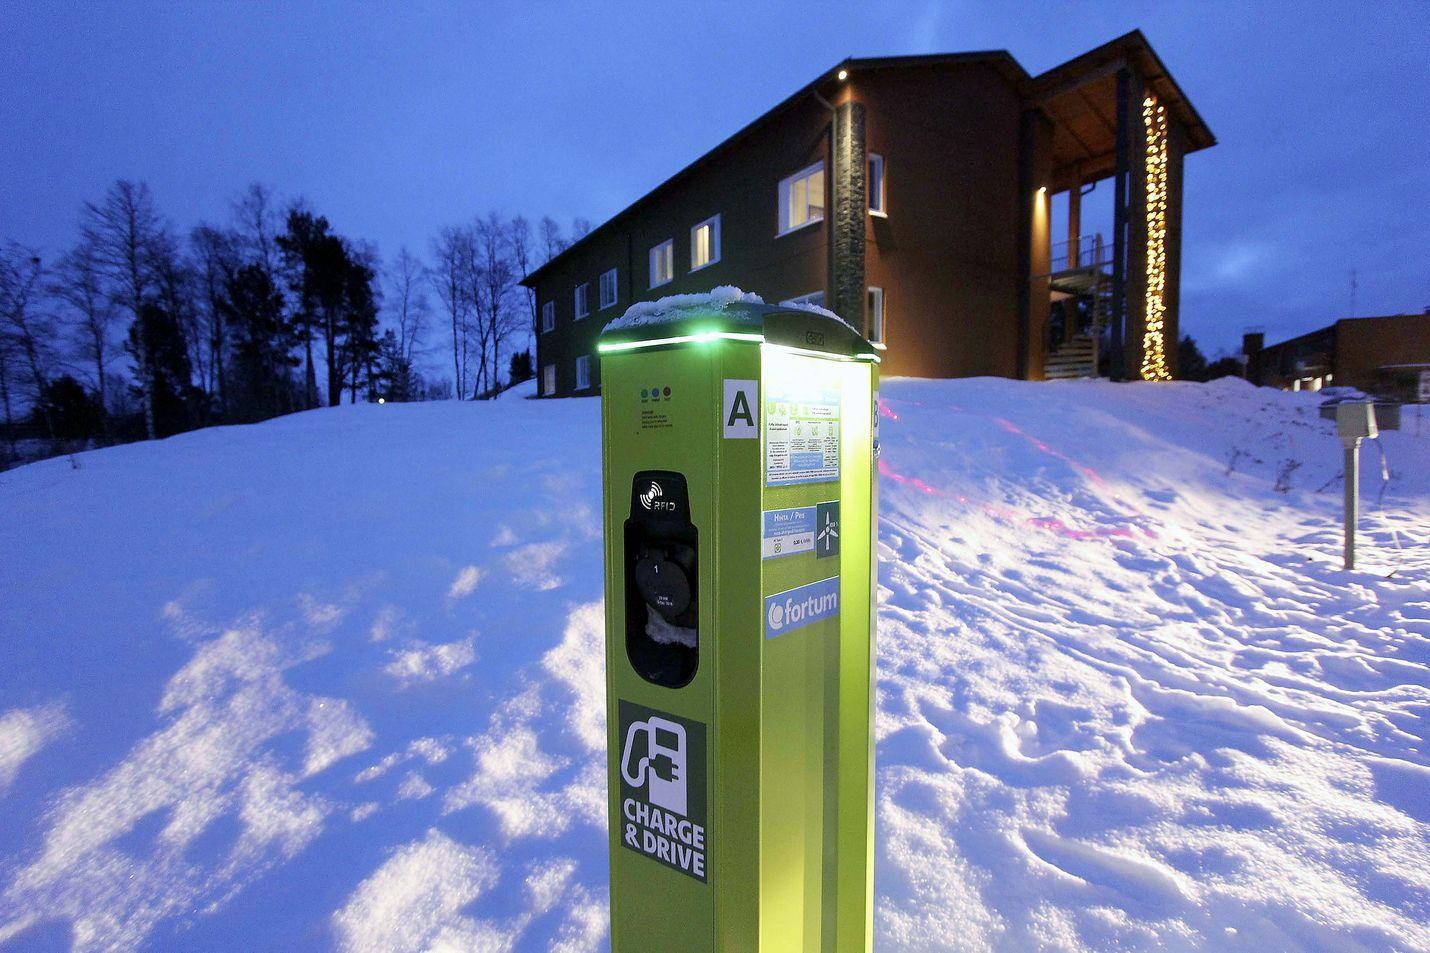 Lapissa on jo hotellien ja matkailukeskusten yhteydessä sähköautojen latauspisteitä, kuten tässä hotellin Inarin pihalla. Ympäristöministeriö haluaa kuitenkin niiden määrän moninkertaistamista.